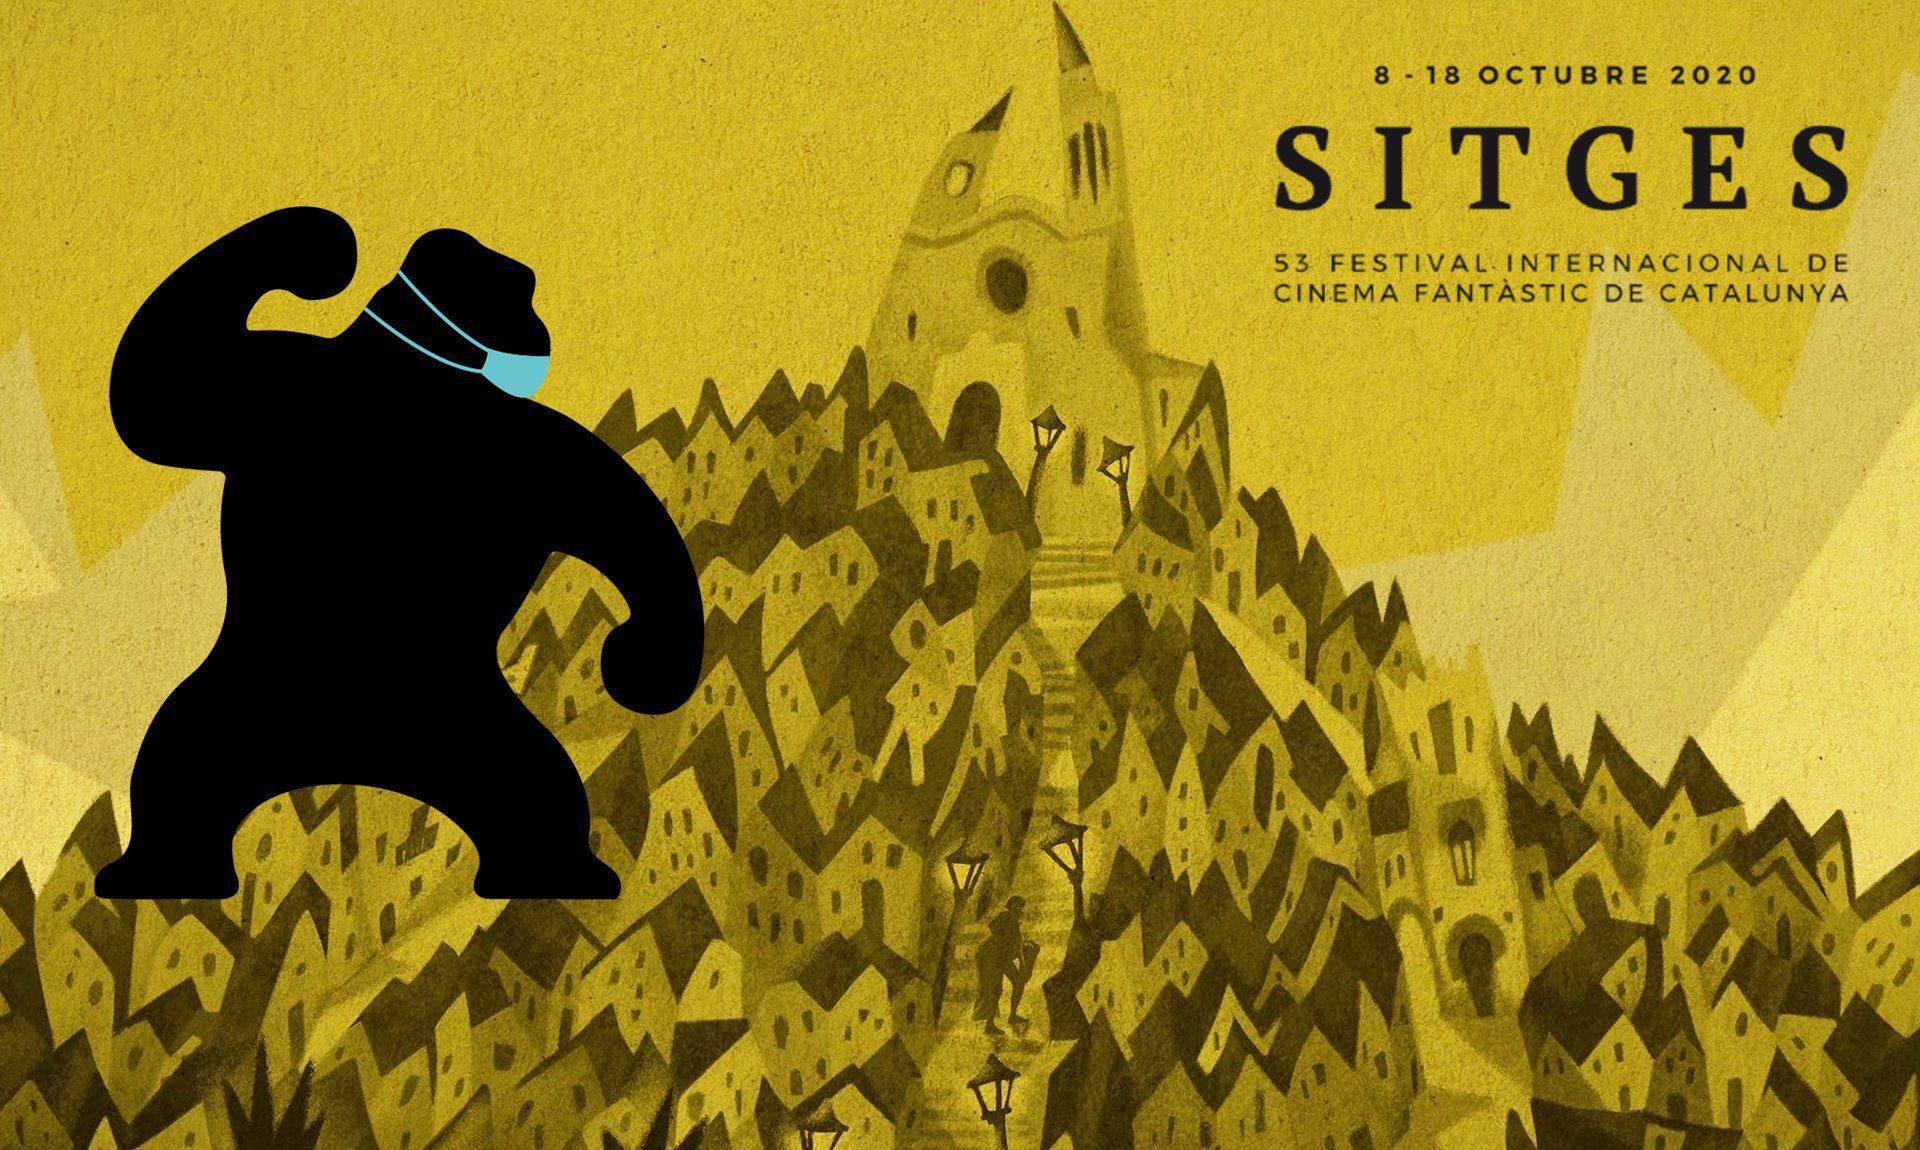 El festival de Sitges 2020 llega a su fin. Aquí el palmarés